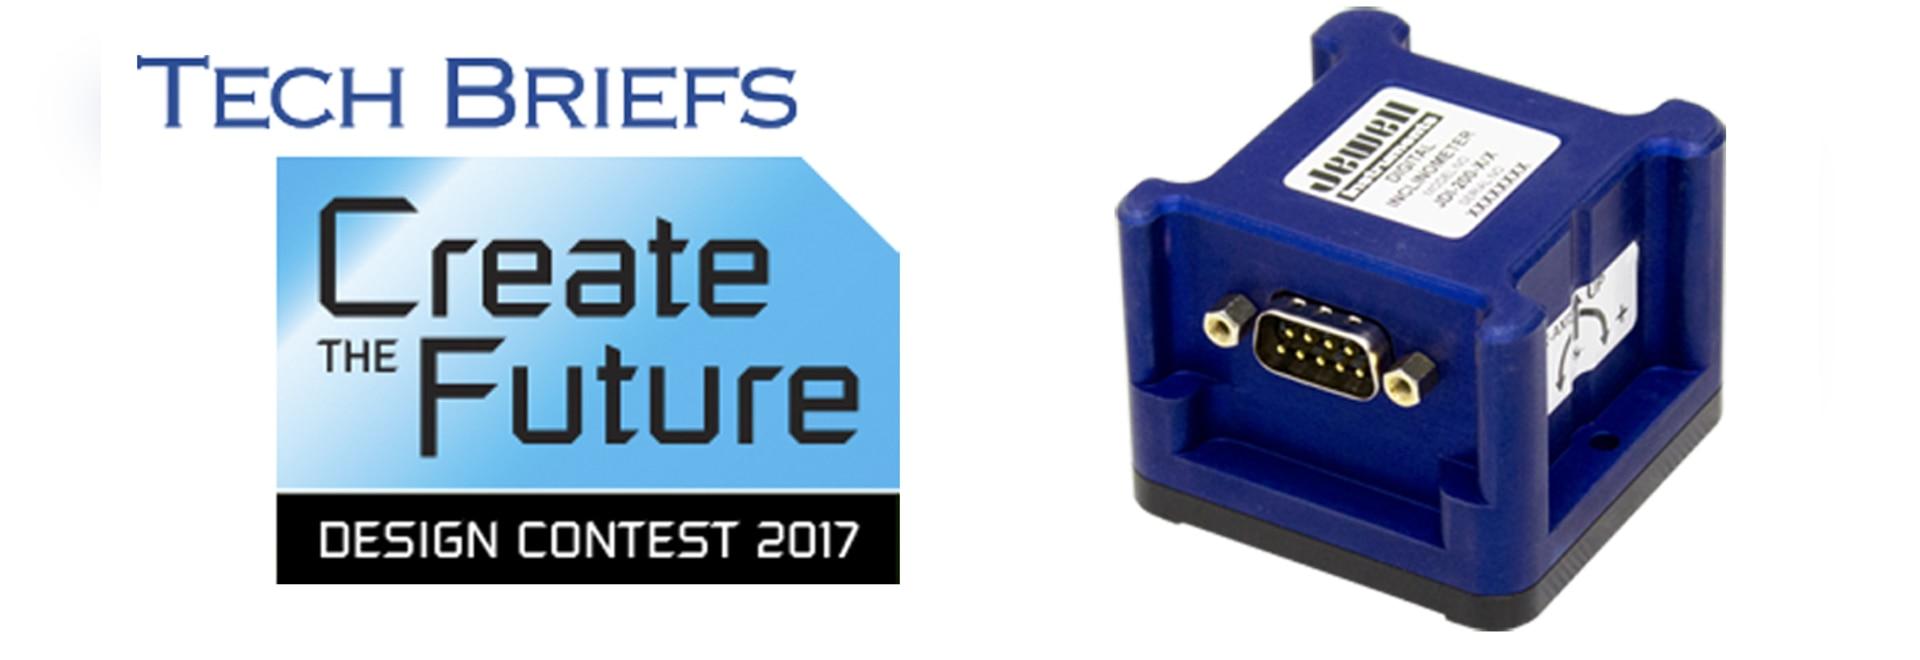 JDI-100/200 Entered into Tech Briefs Award Contest